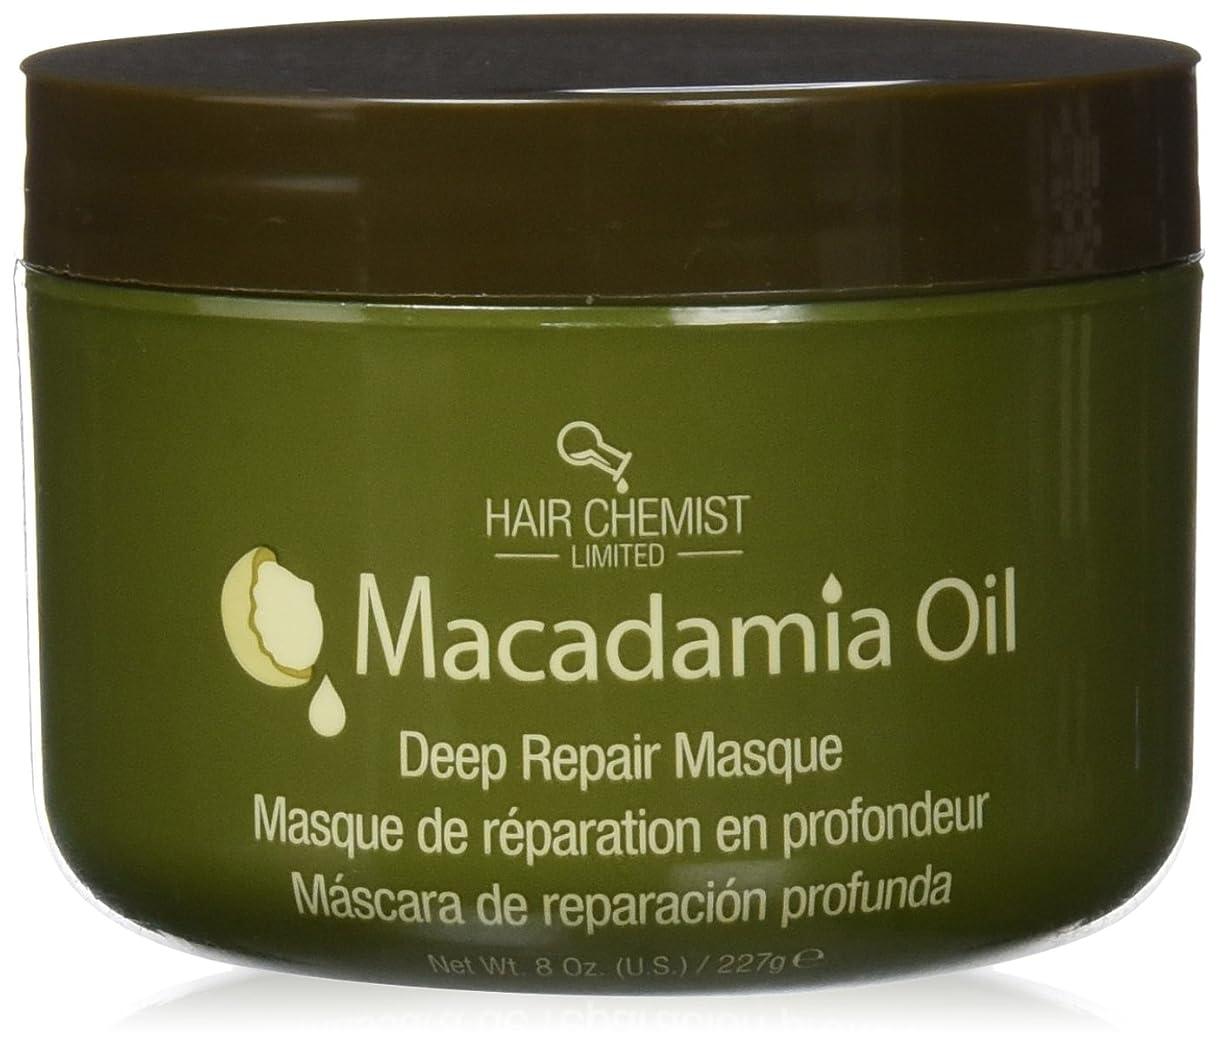 プロトタイプガジュマルリラックスしたHair Chemist ヘアマスク マカダミア オイル ディープリペアマスク 227g Macadamia Oil Deep Repair Mask 1434 New York